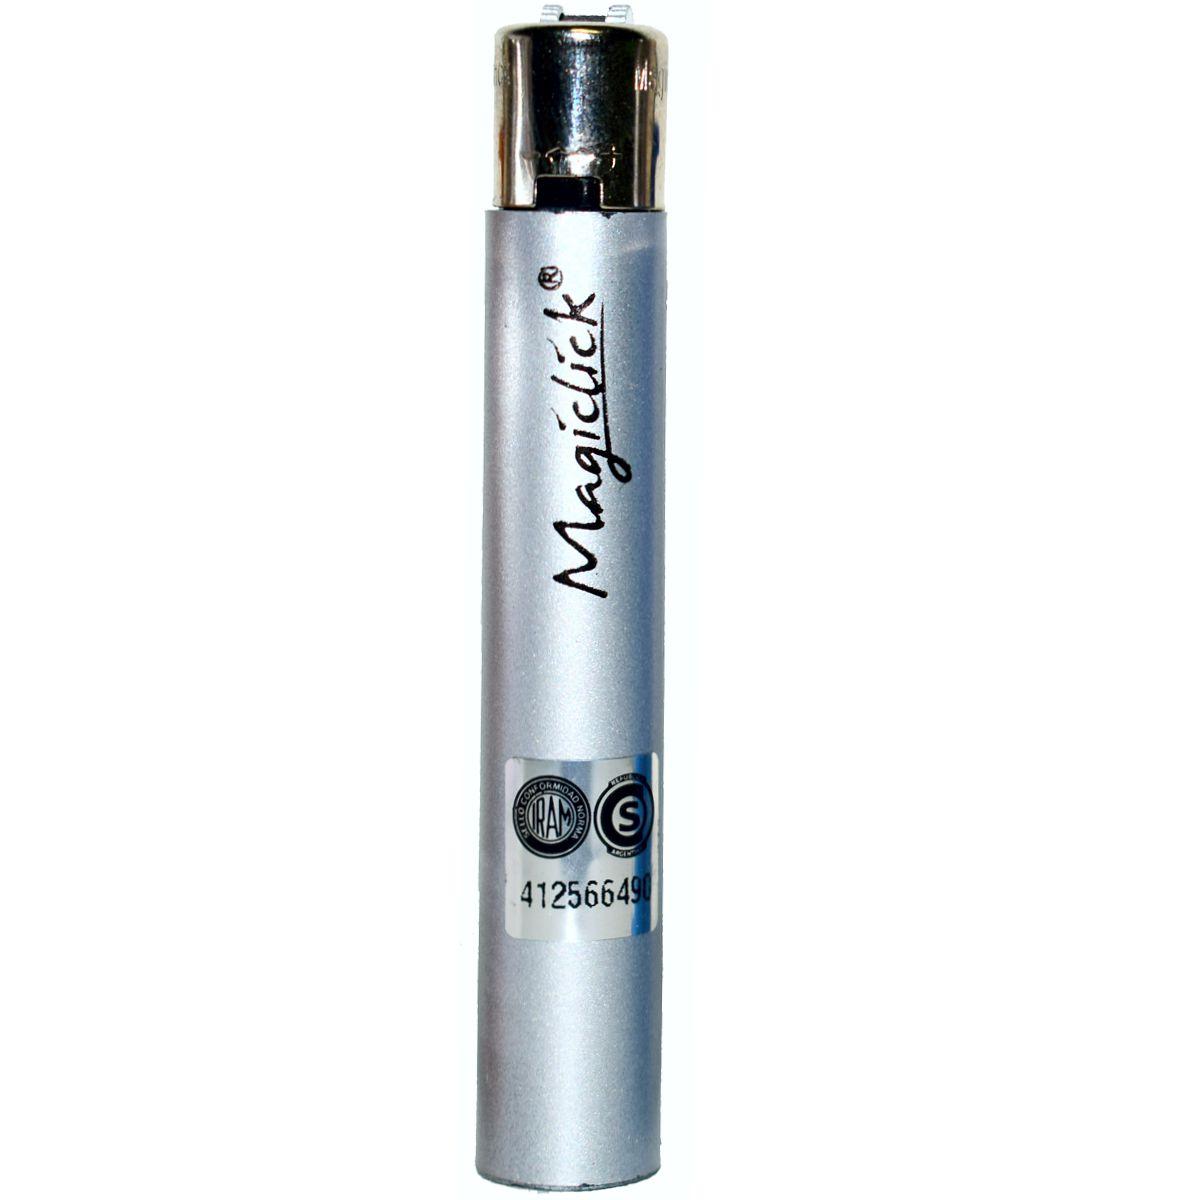 encendedor magiclick tubo metalizado precio